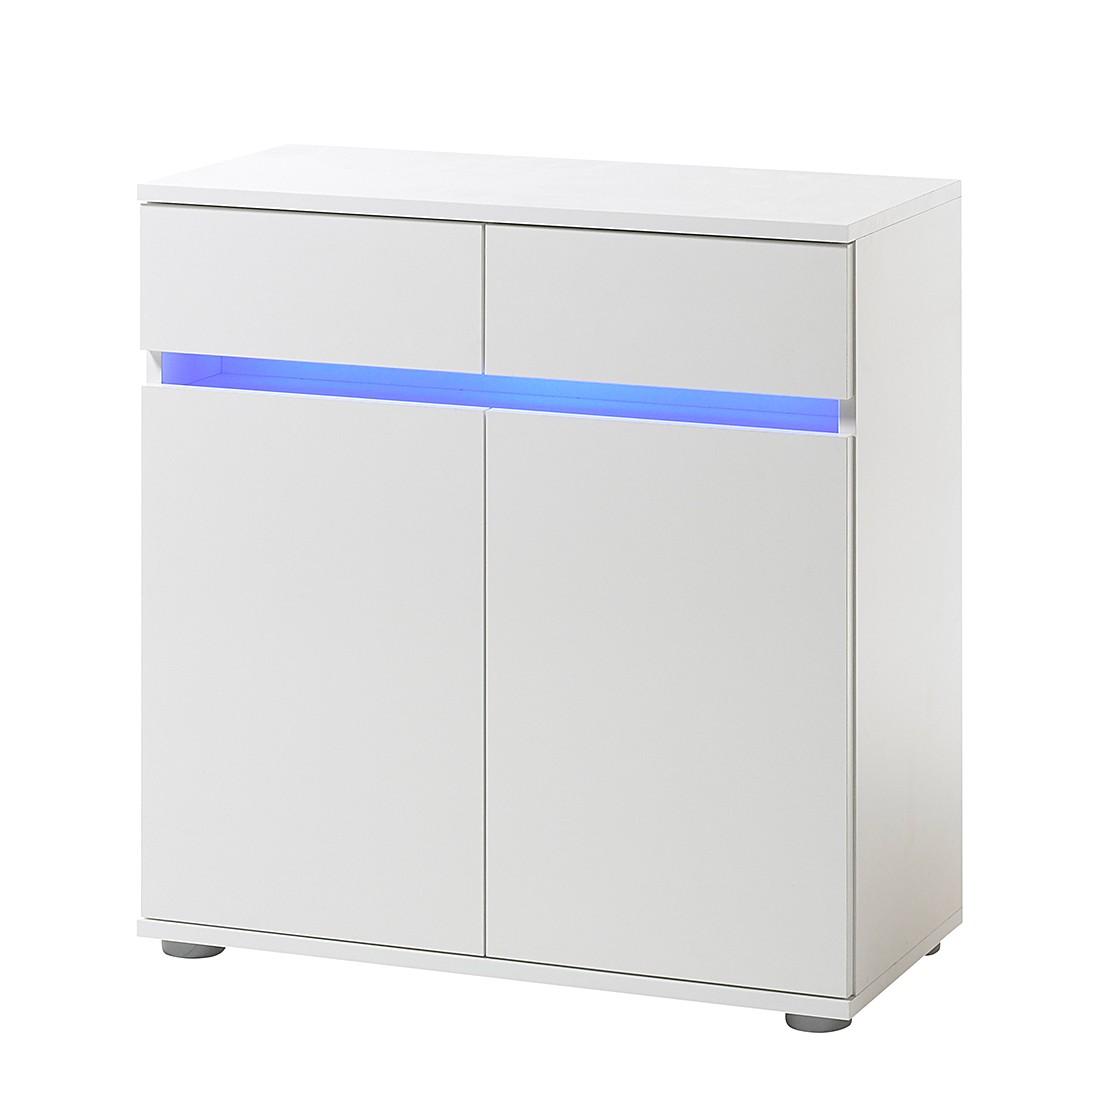 Kommode Light Strip (inklusive Beleuchtung) - Weiß